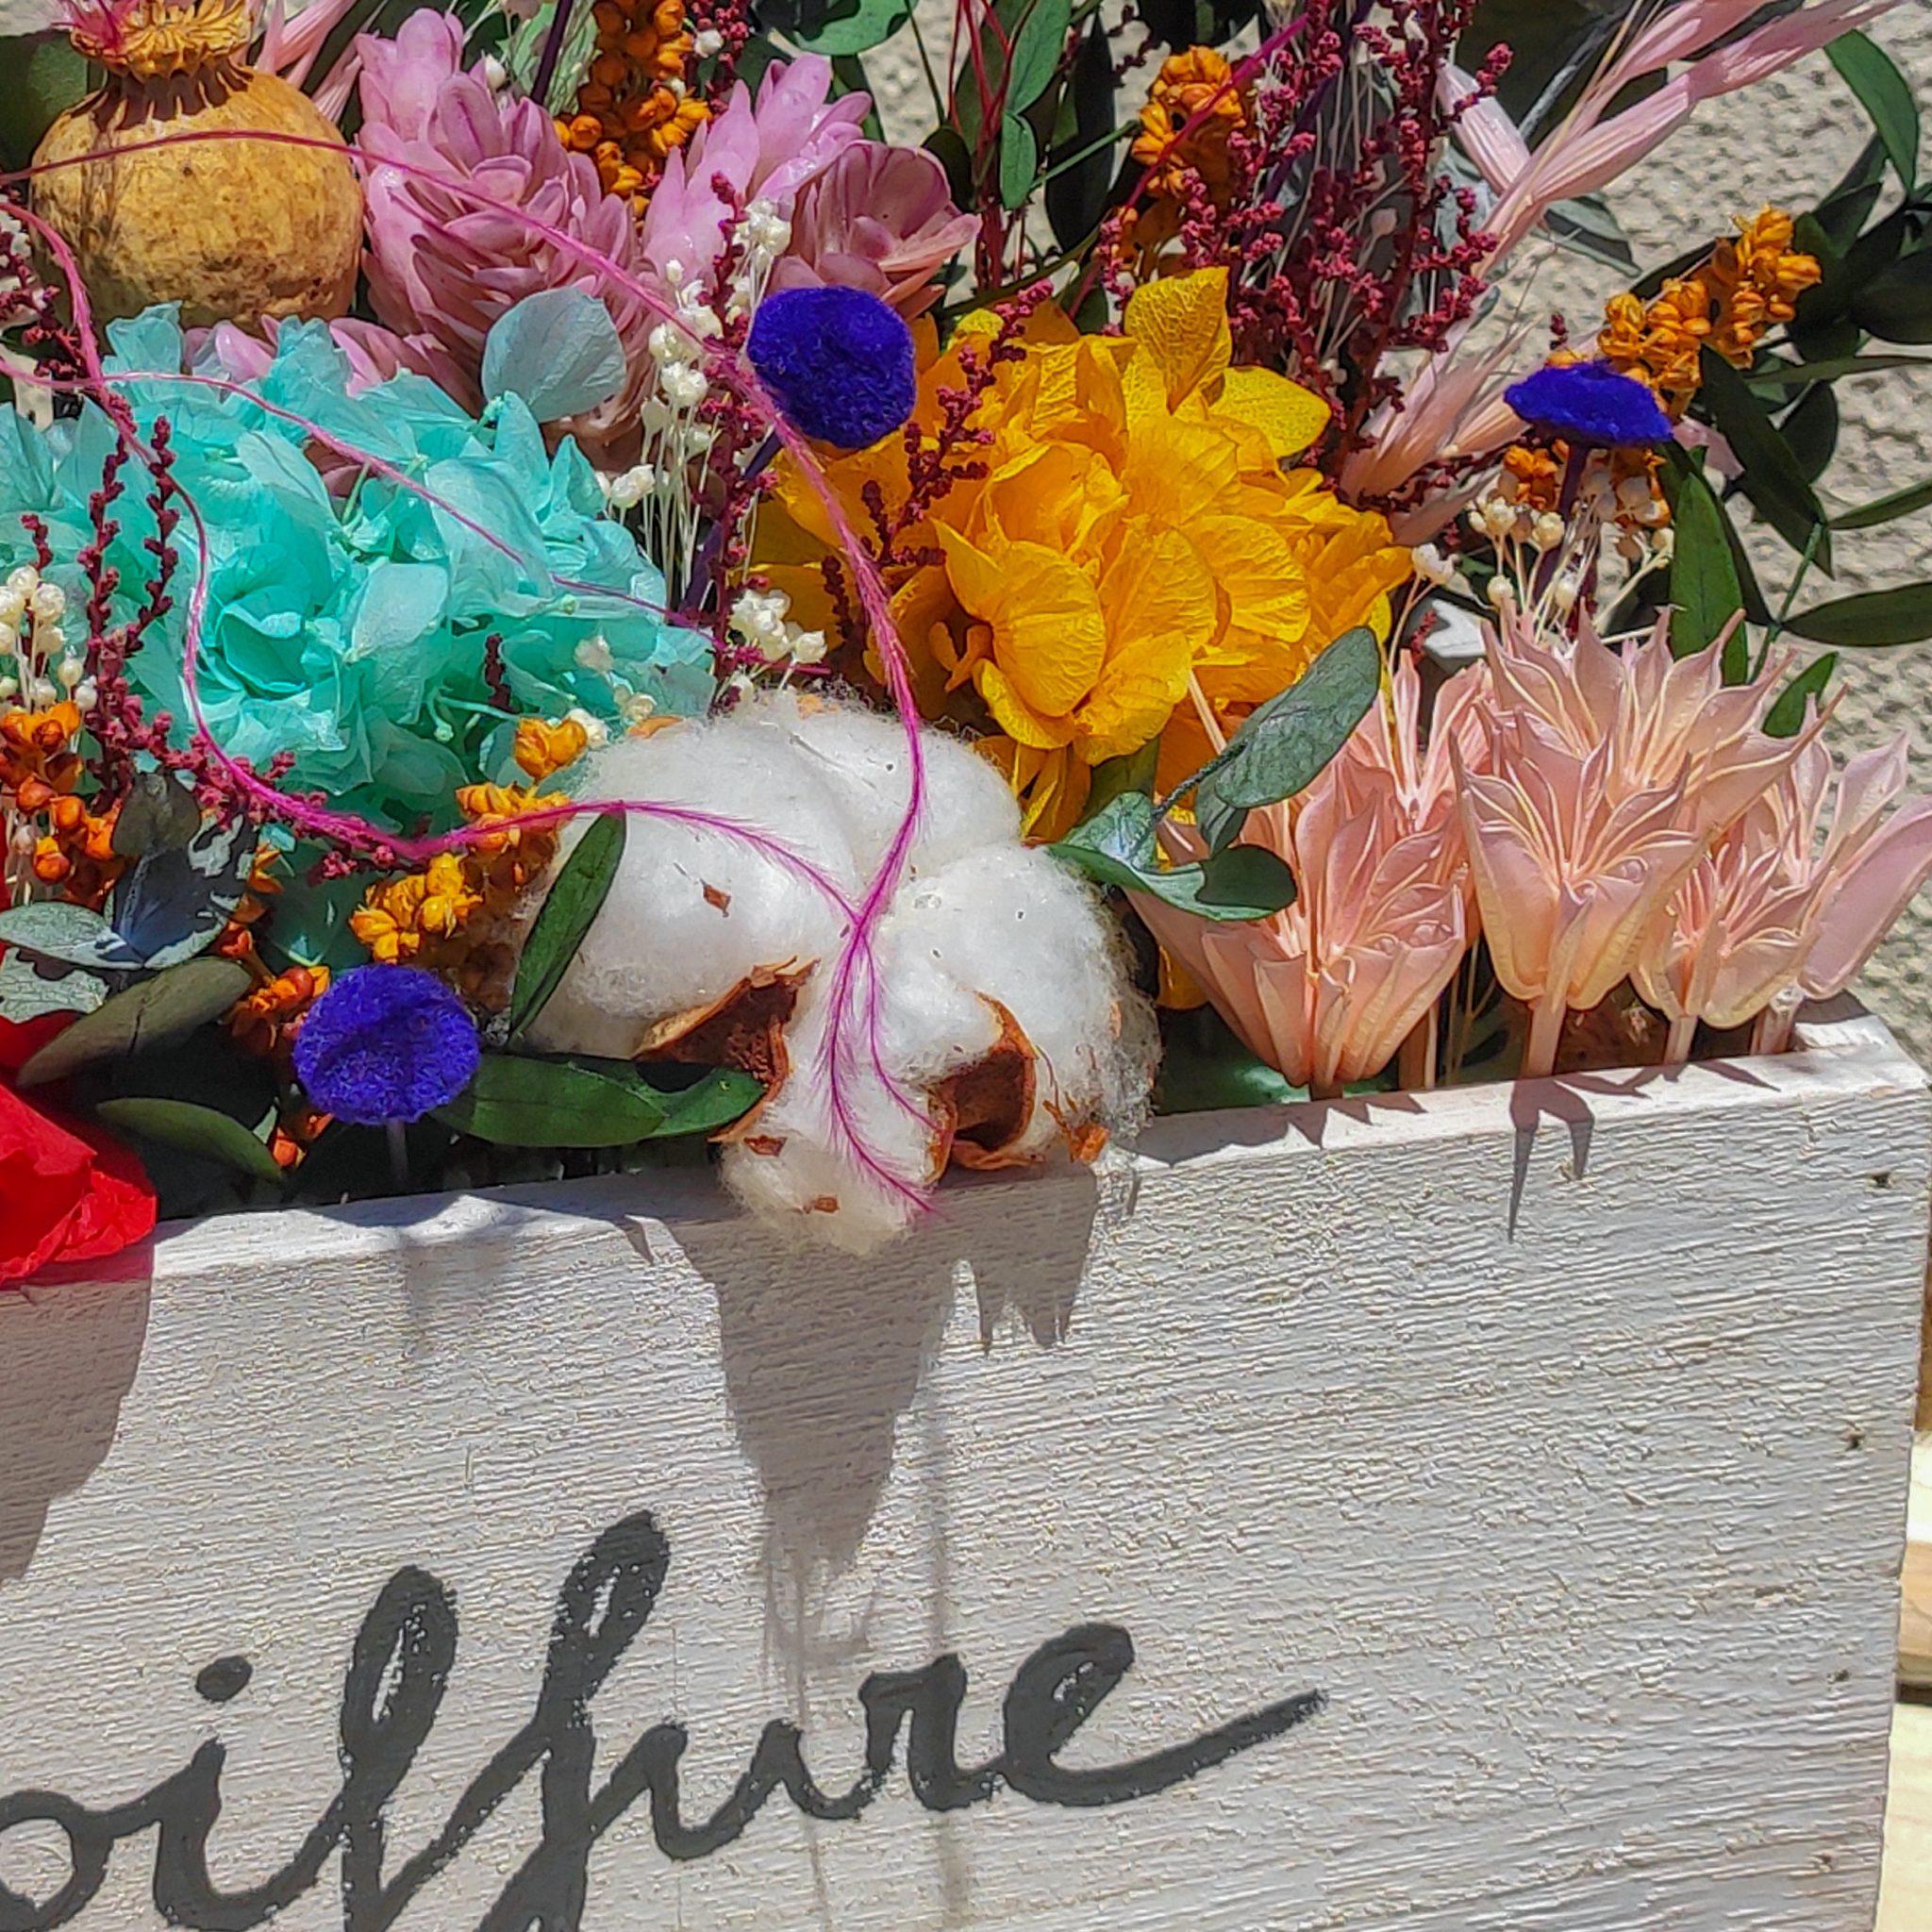 Corte centro de flores preservadas personalizado en caja de madera 5